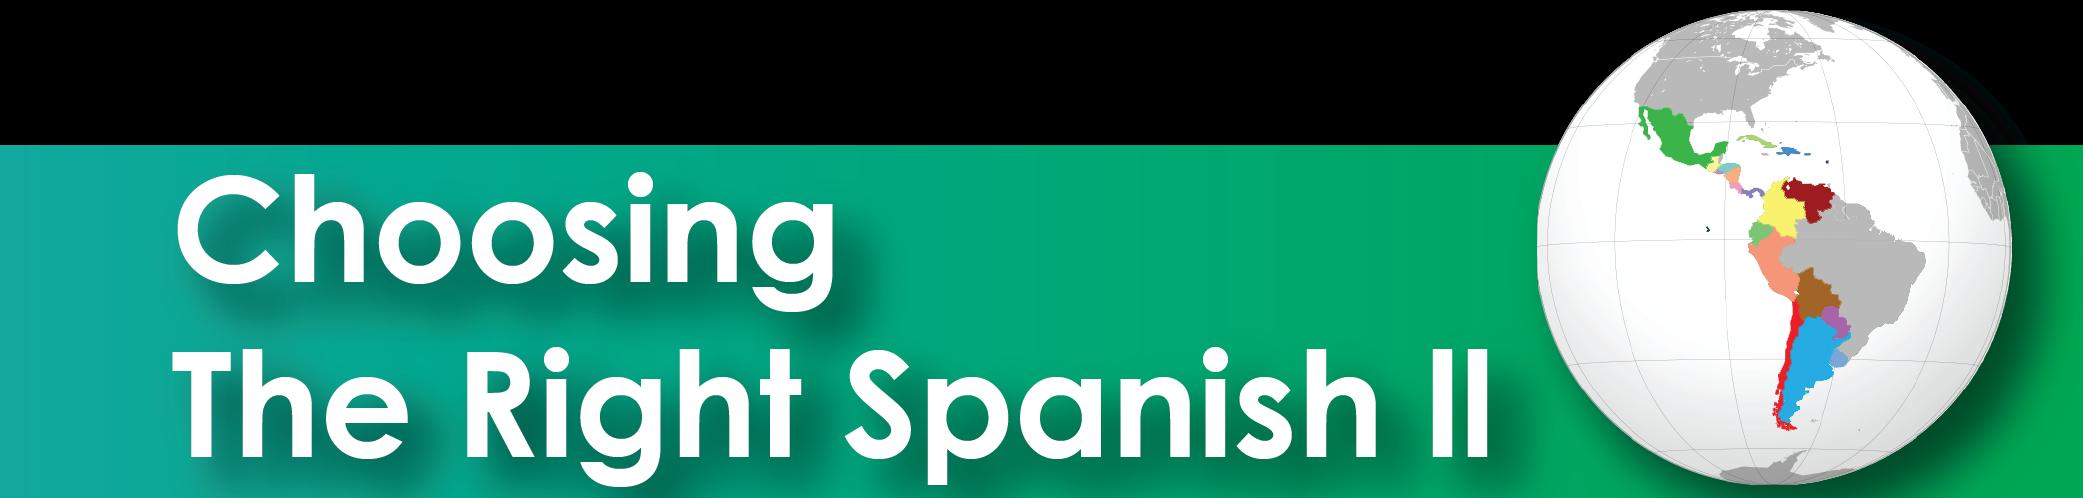 spanish in spain vs latin america